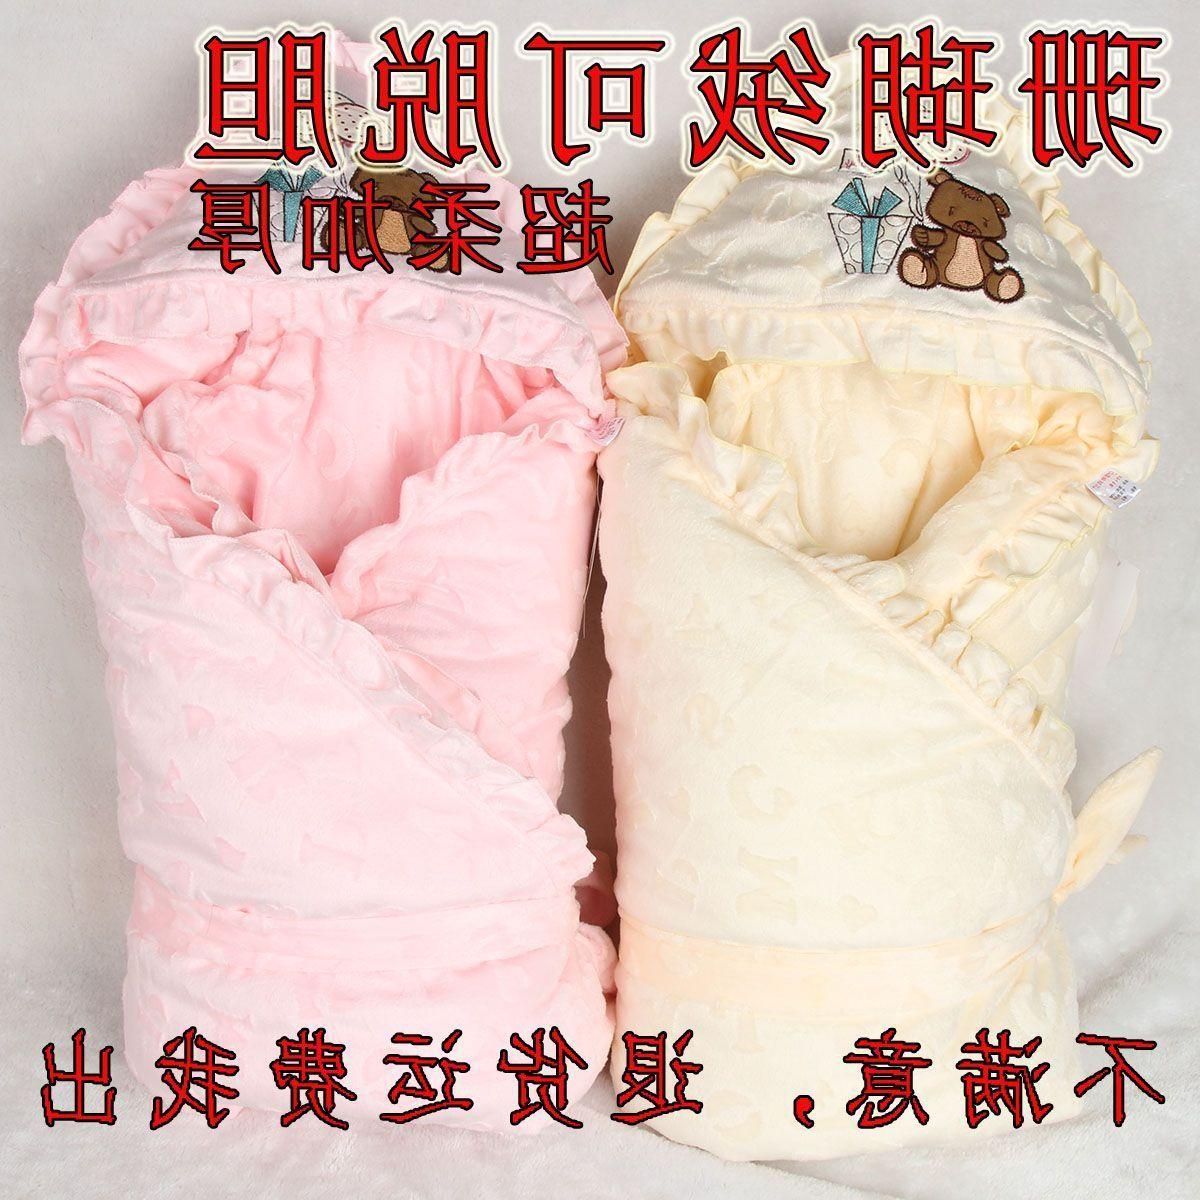 可脫膽加大加厚新生兒幼兒寶寶嬰兒用品純棉包被秋冬